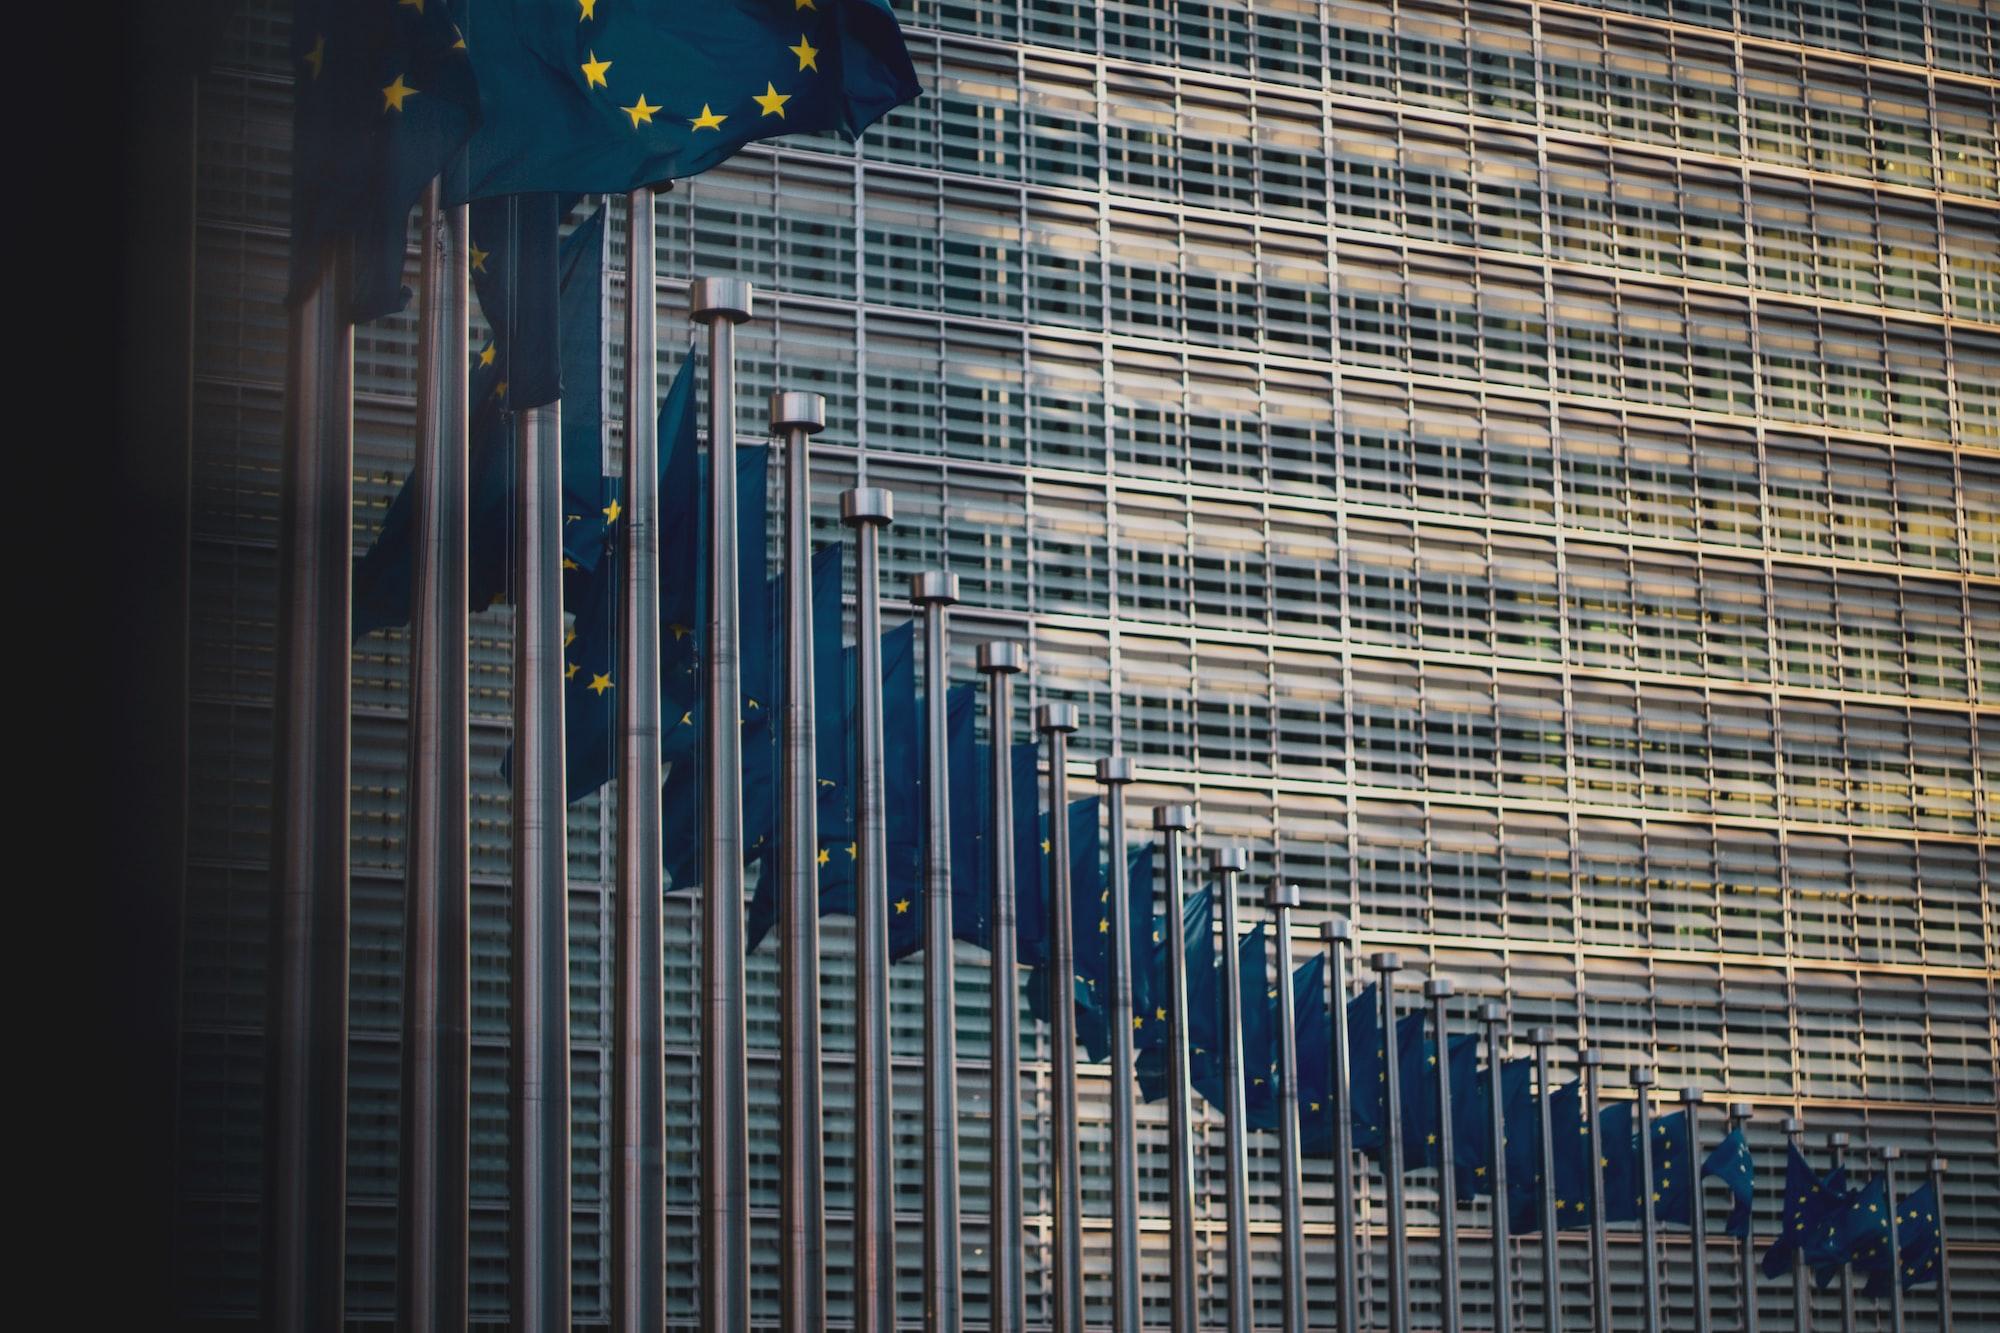 Hur mycket, och vad, bestämmer egentligen EU?